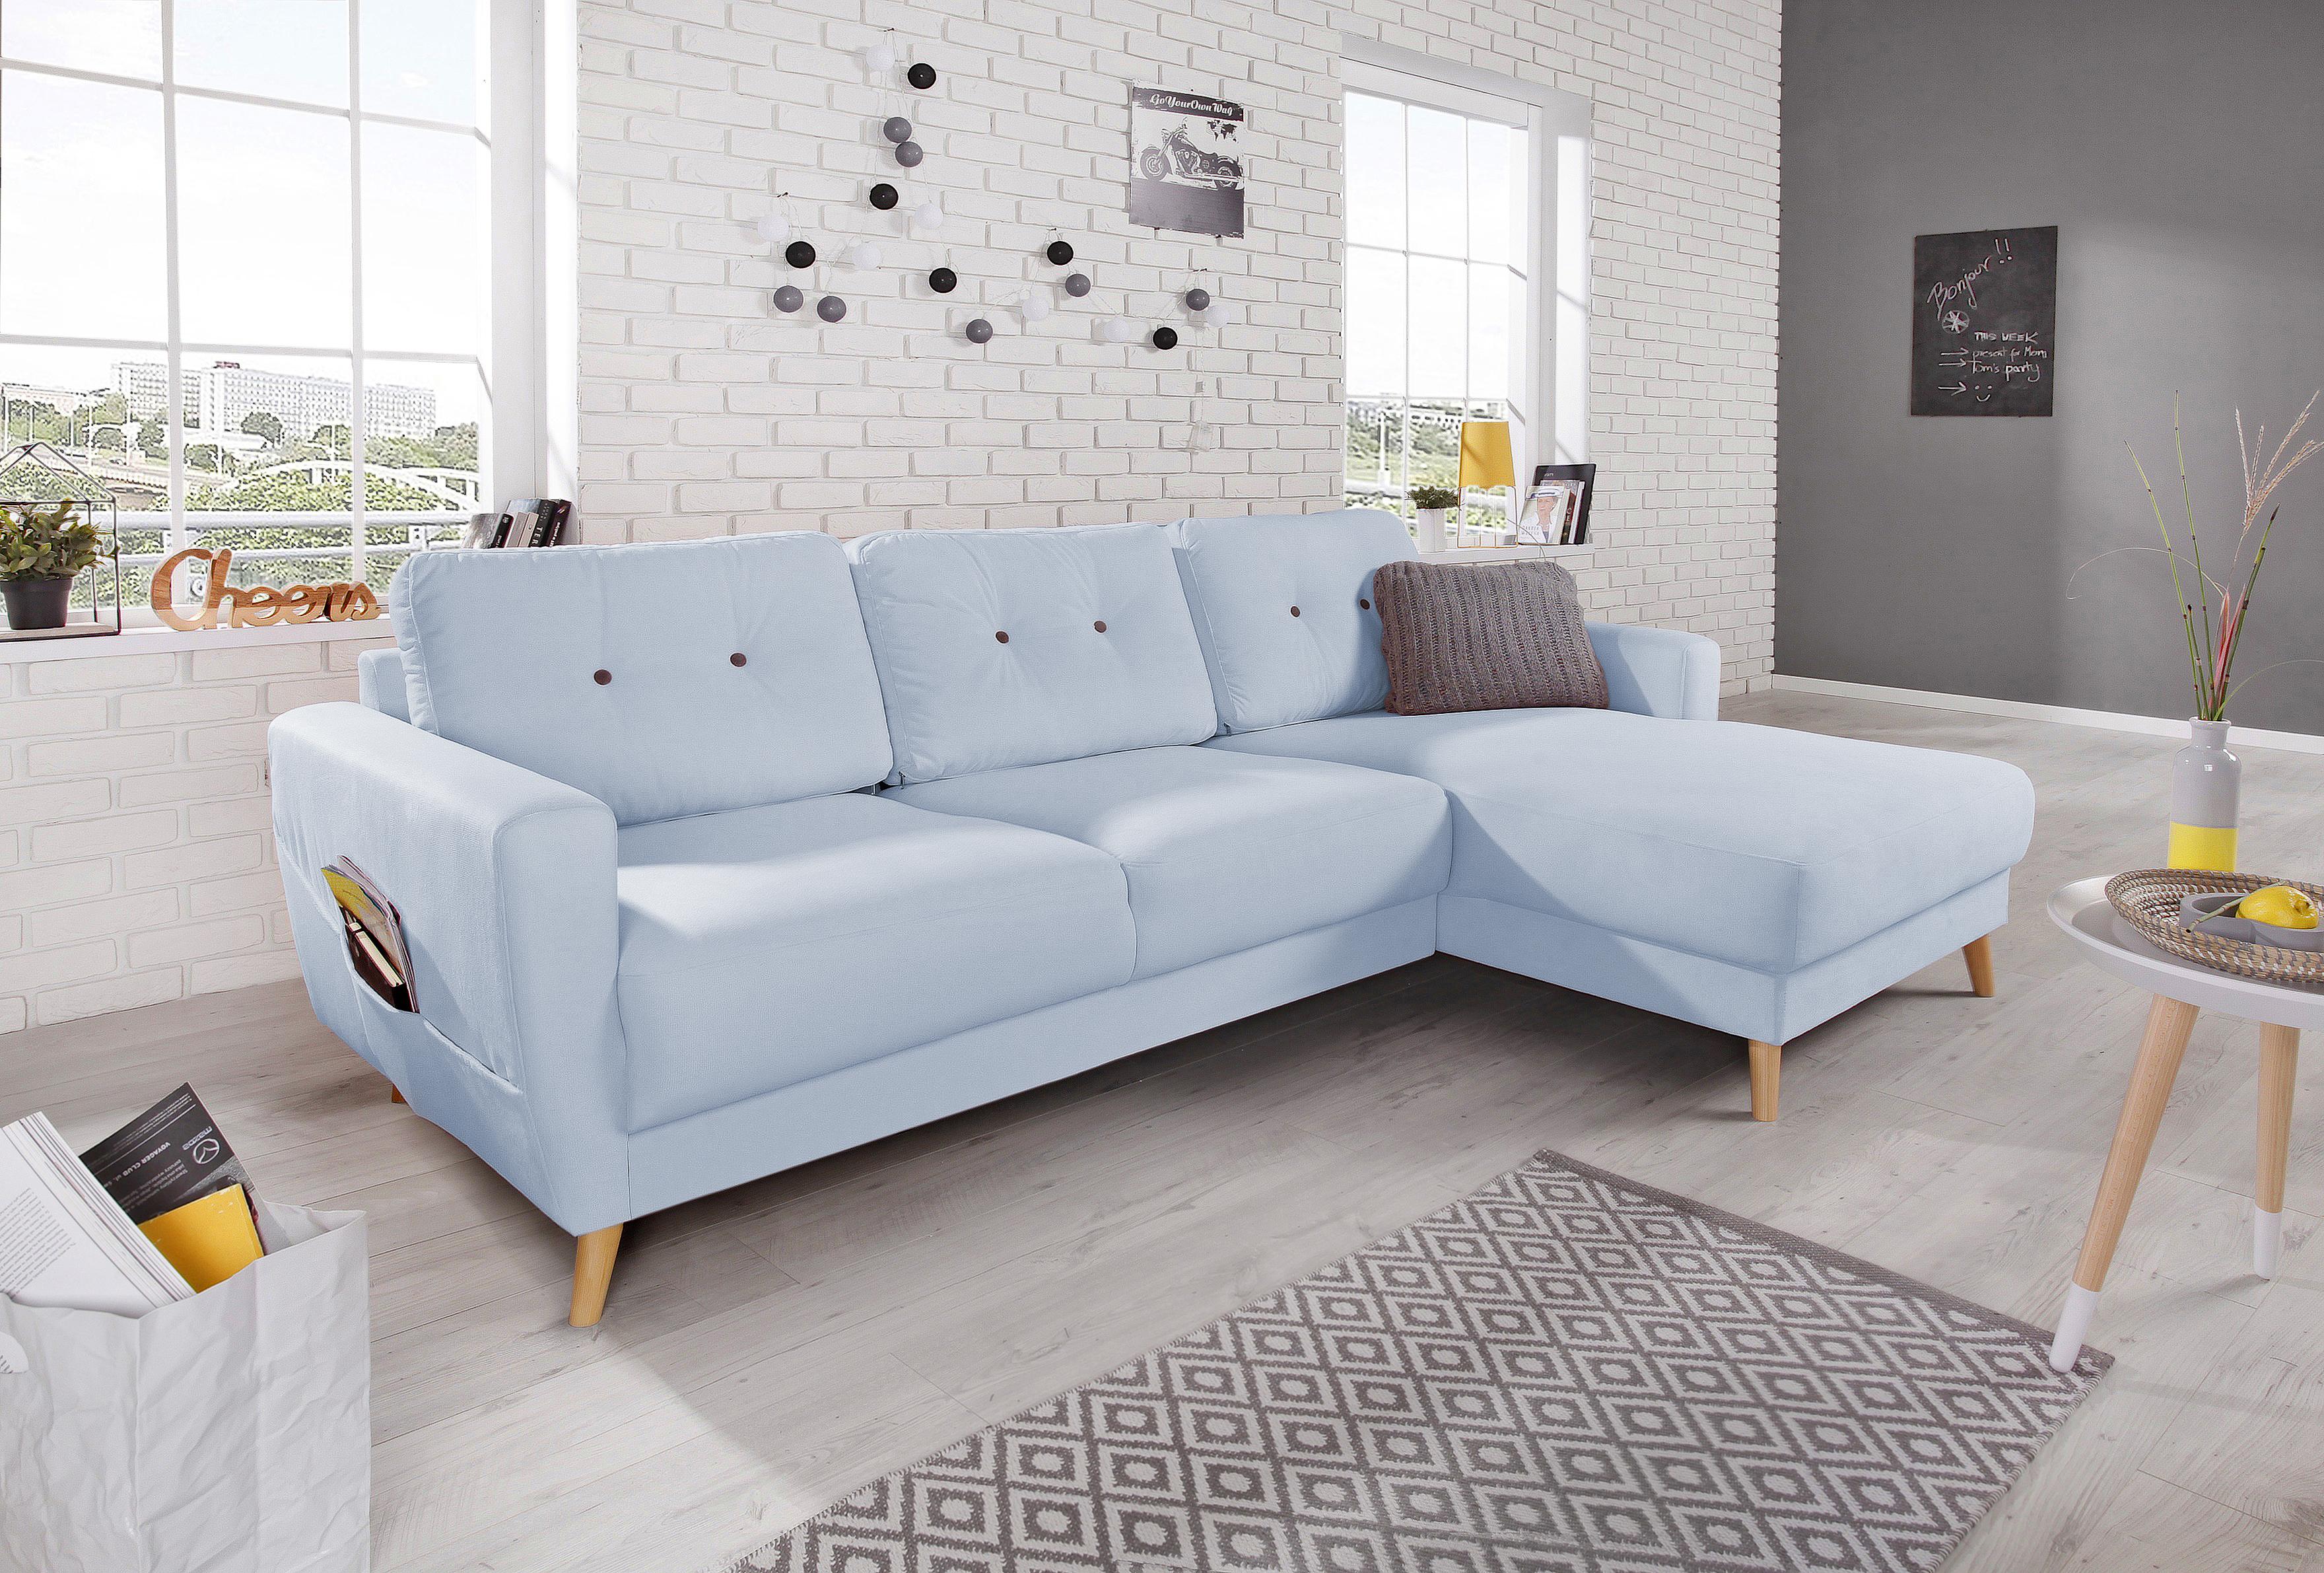 bobochic oslo canap d 39 angle droit bleu poudr 225x147x86cm achat vente canap s pas. Black Bedroom Furniture Sets. Home Design Ideas